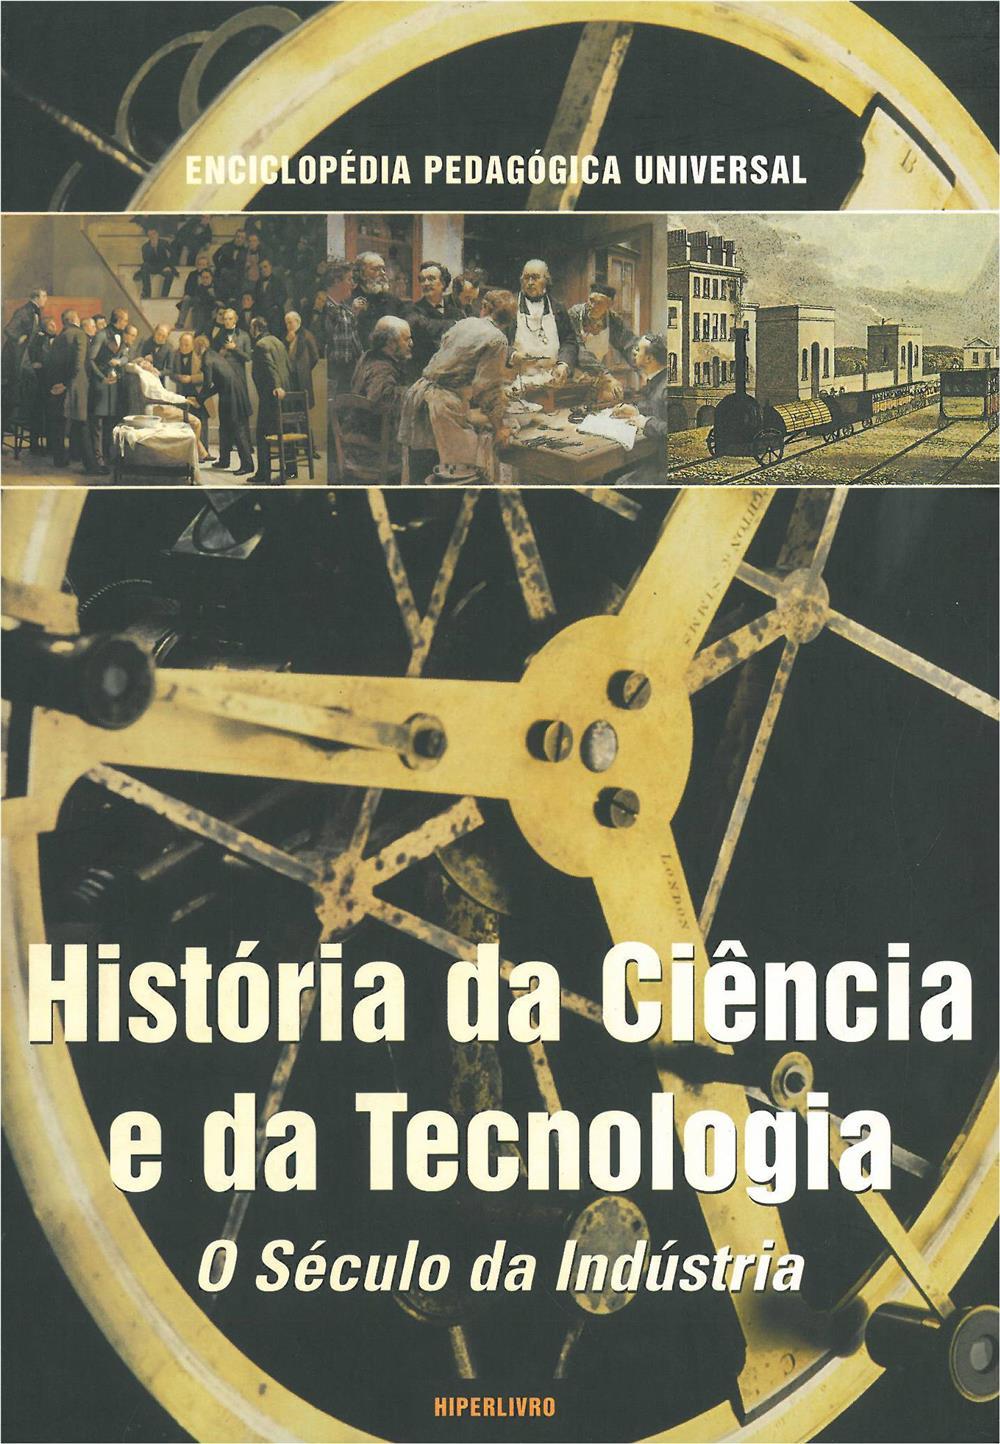 História da ciência e da tecnologia_o século da indústria.jpg